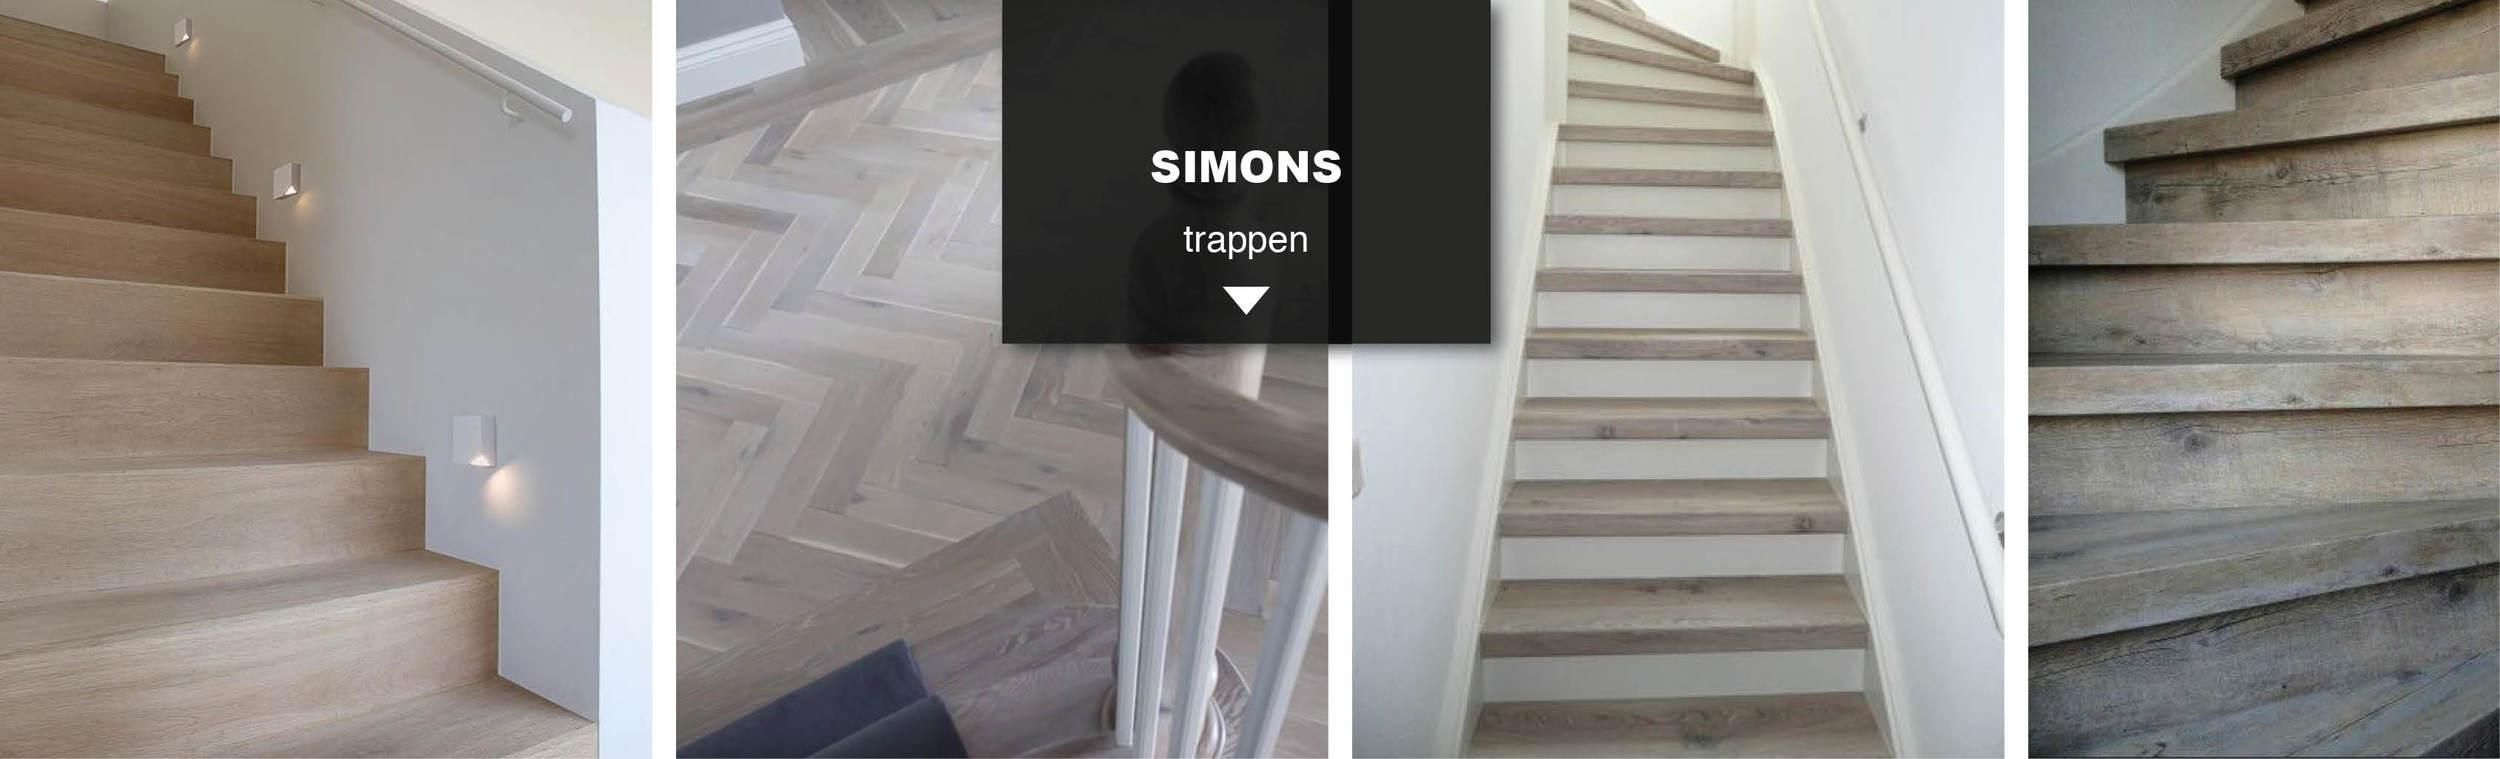 Extreem TRAPPEN — Simons vloer en wand DR22